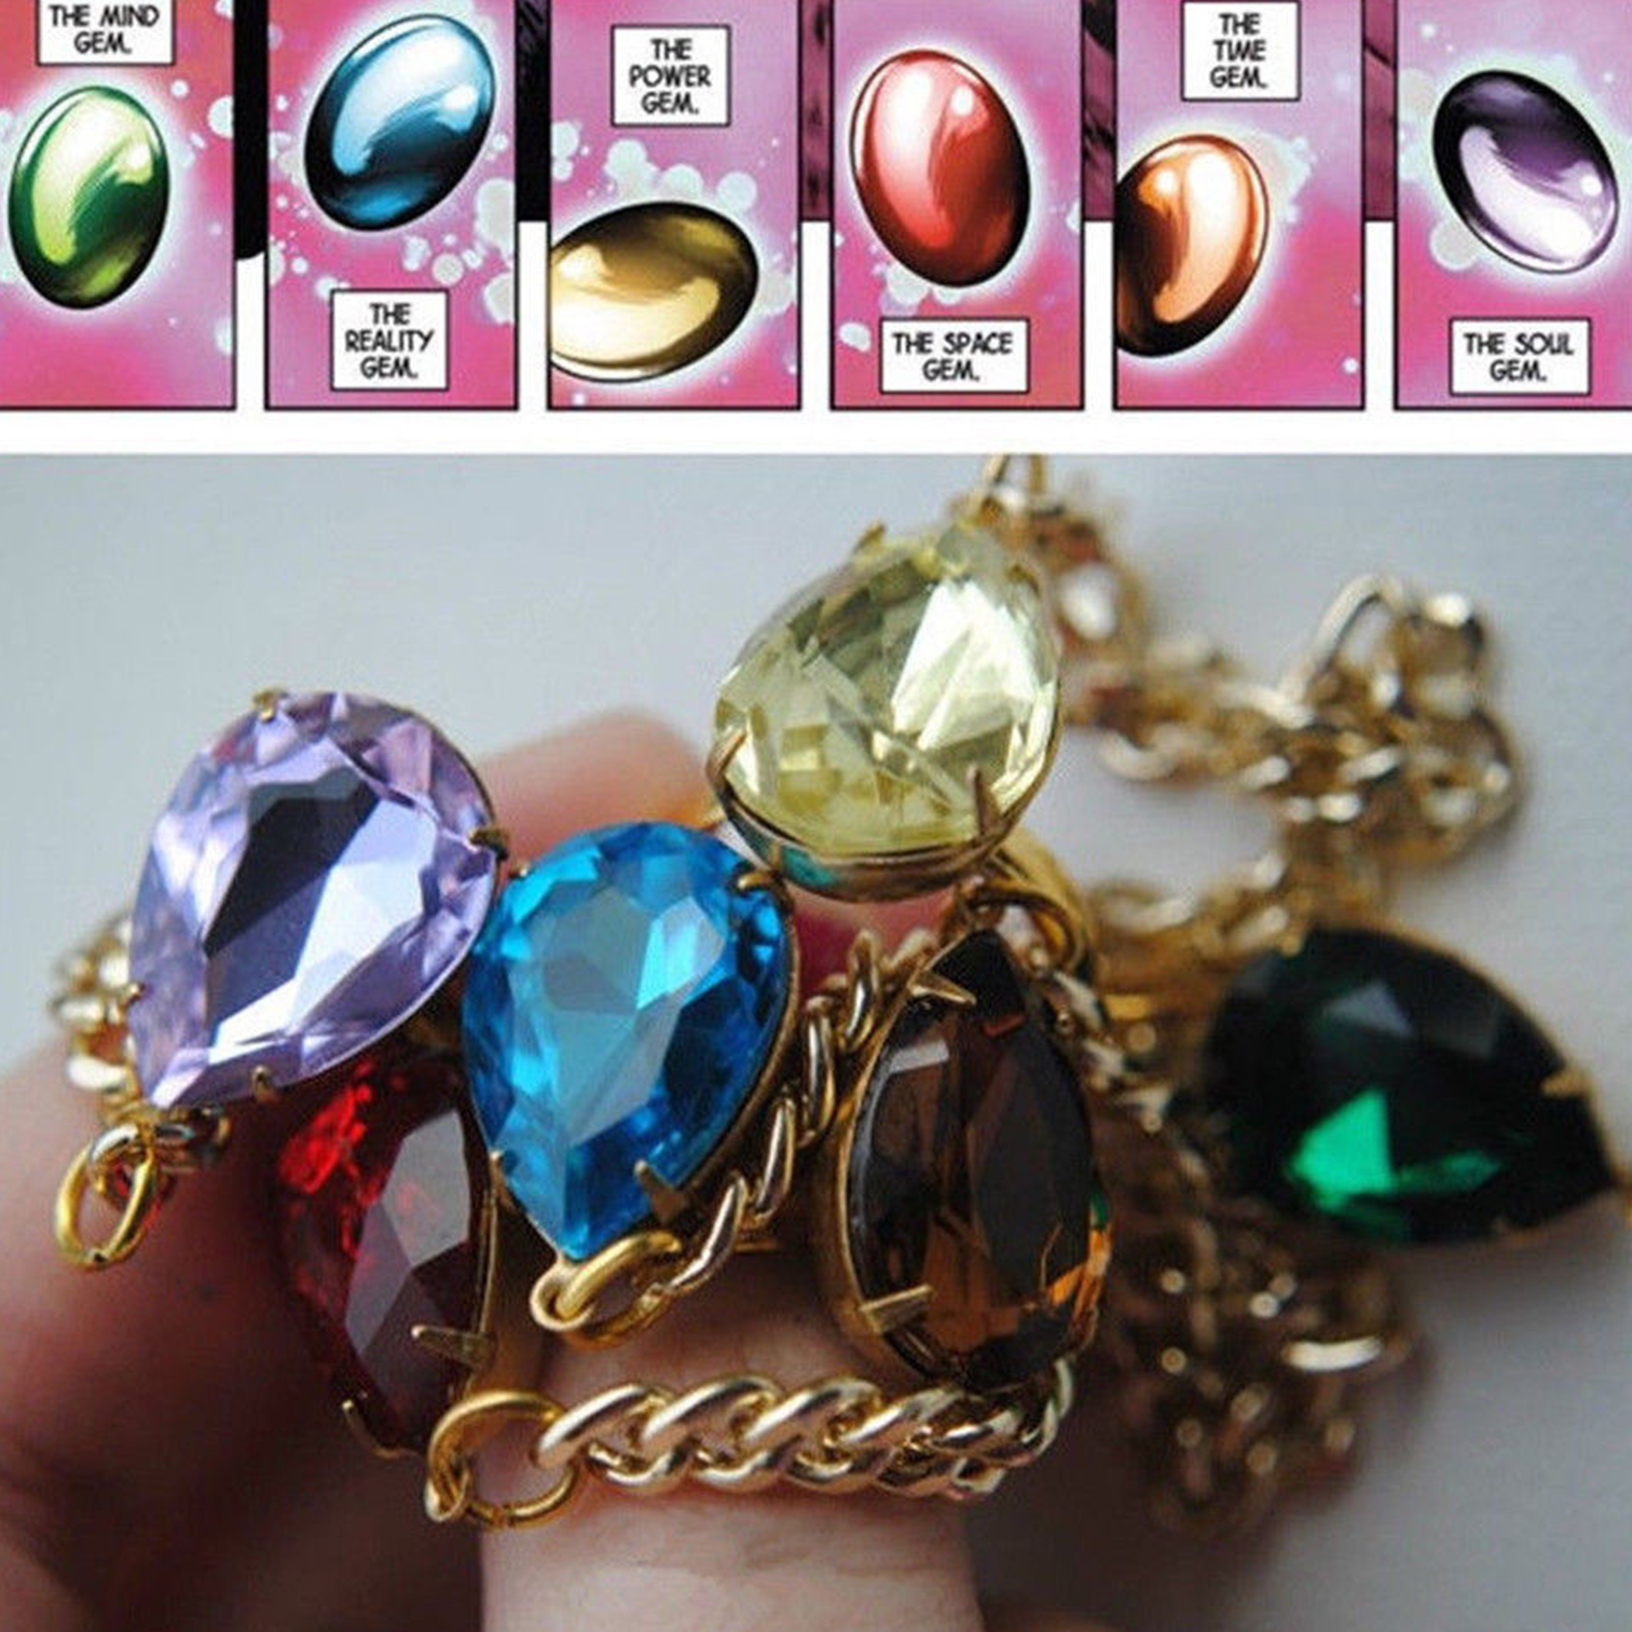 Marvel Legends THANOS Infinity War Gauntlet Bracelet Ring Handchain Cosplay Prop